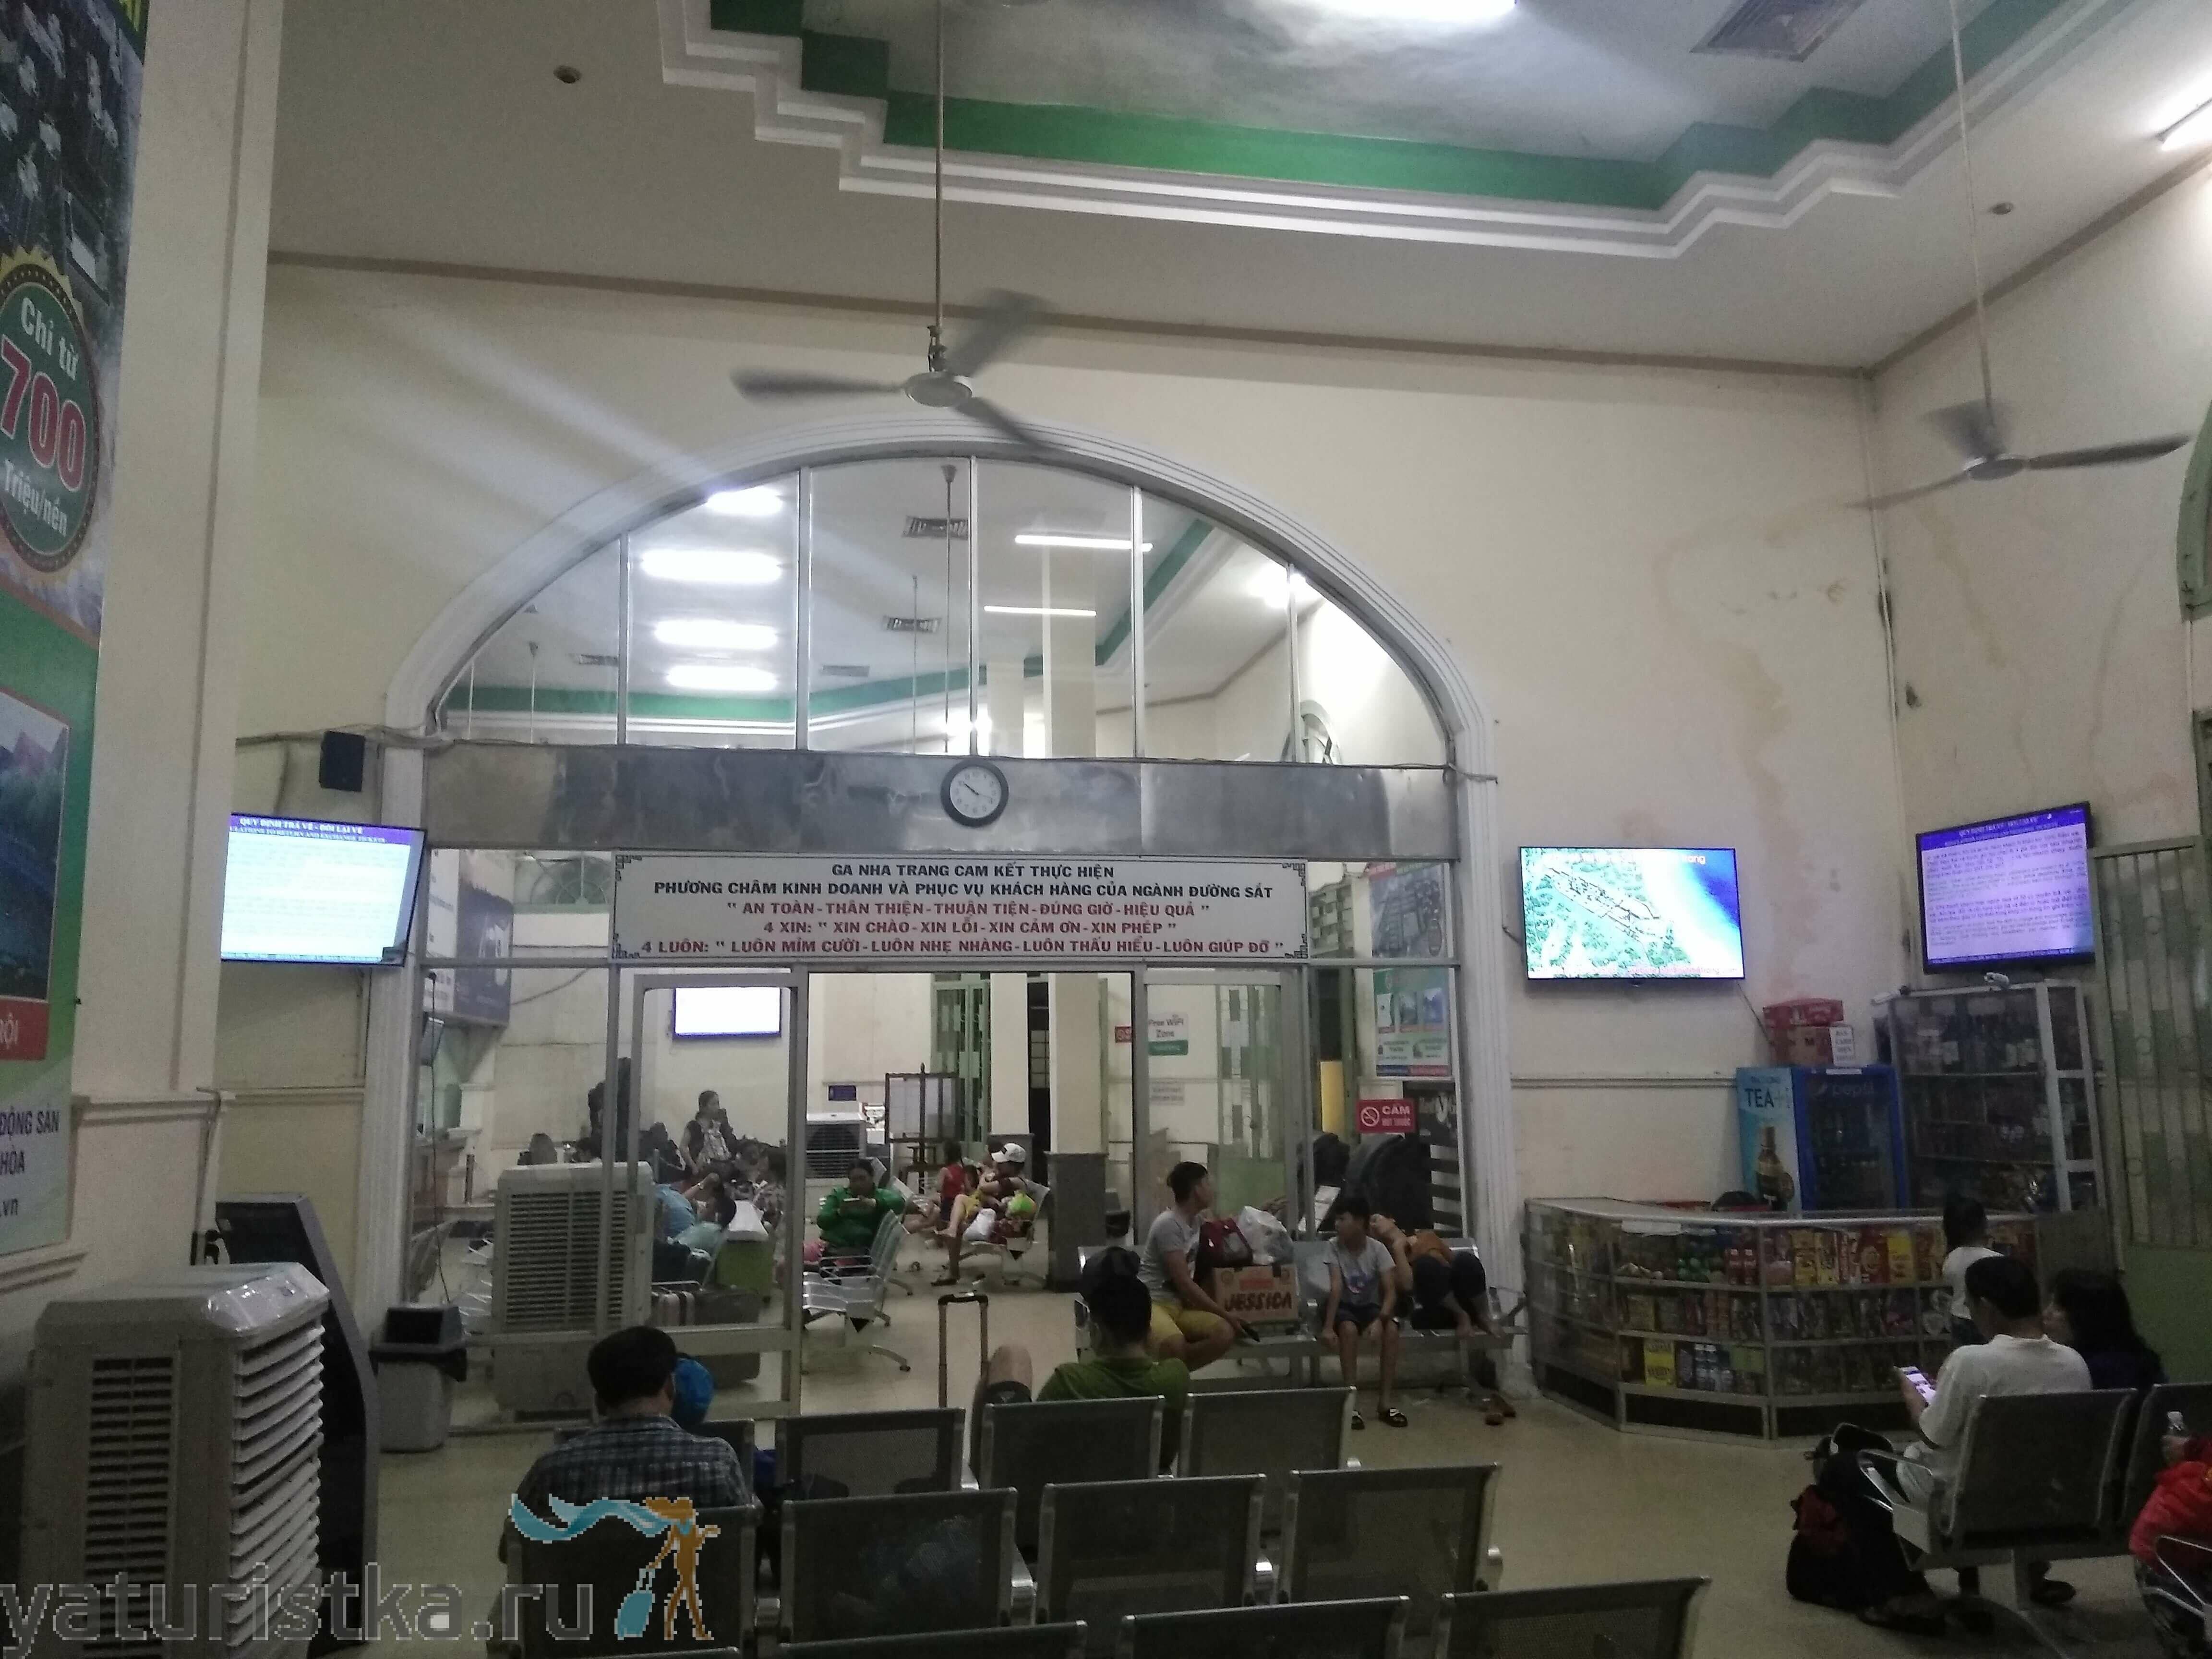 ЖД вокзал Нячанг во Вьетнаме